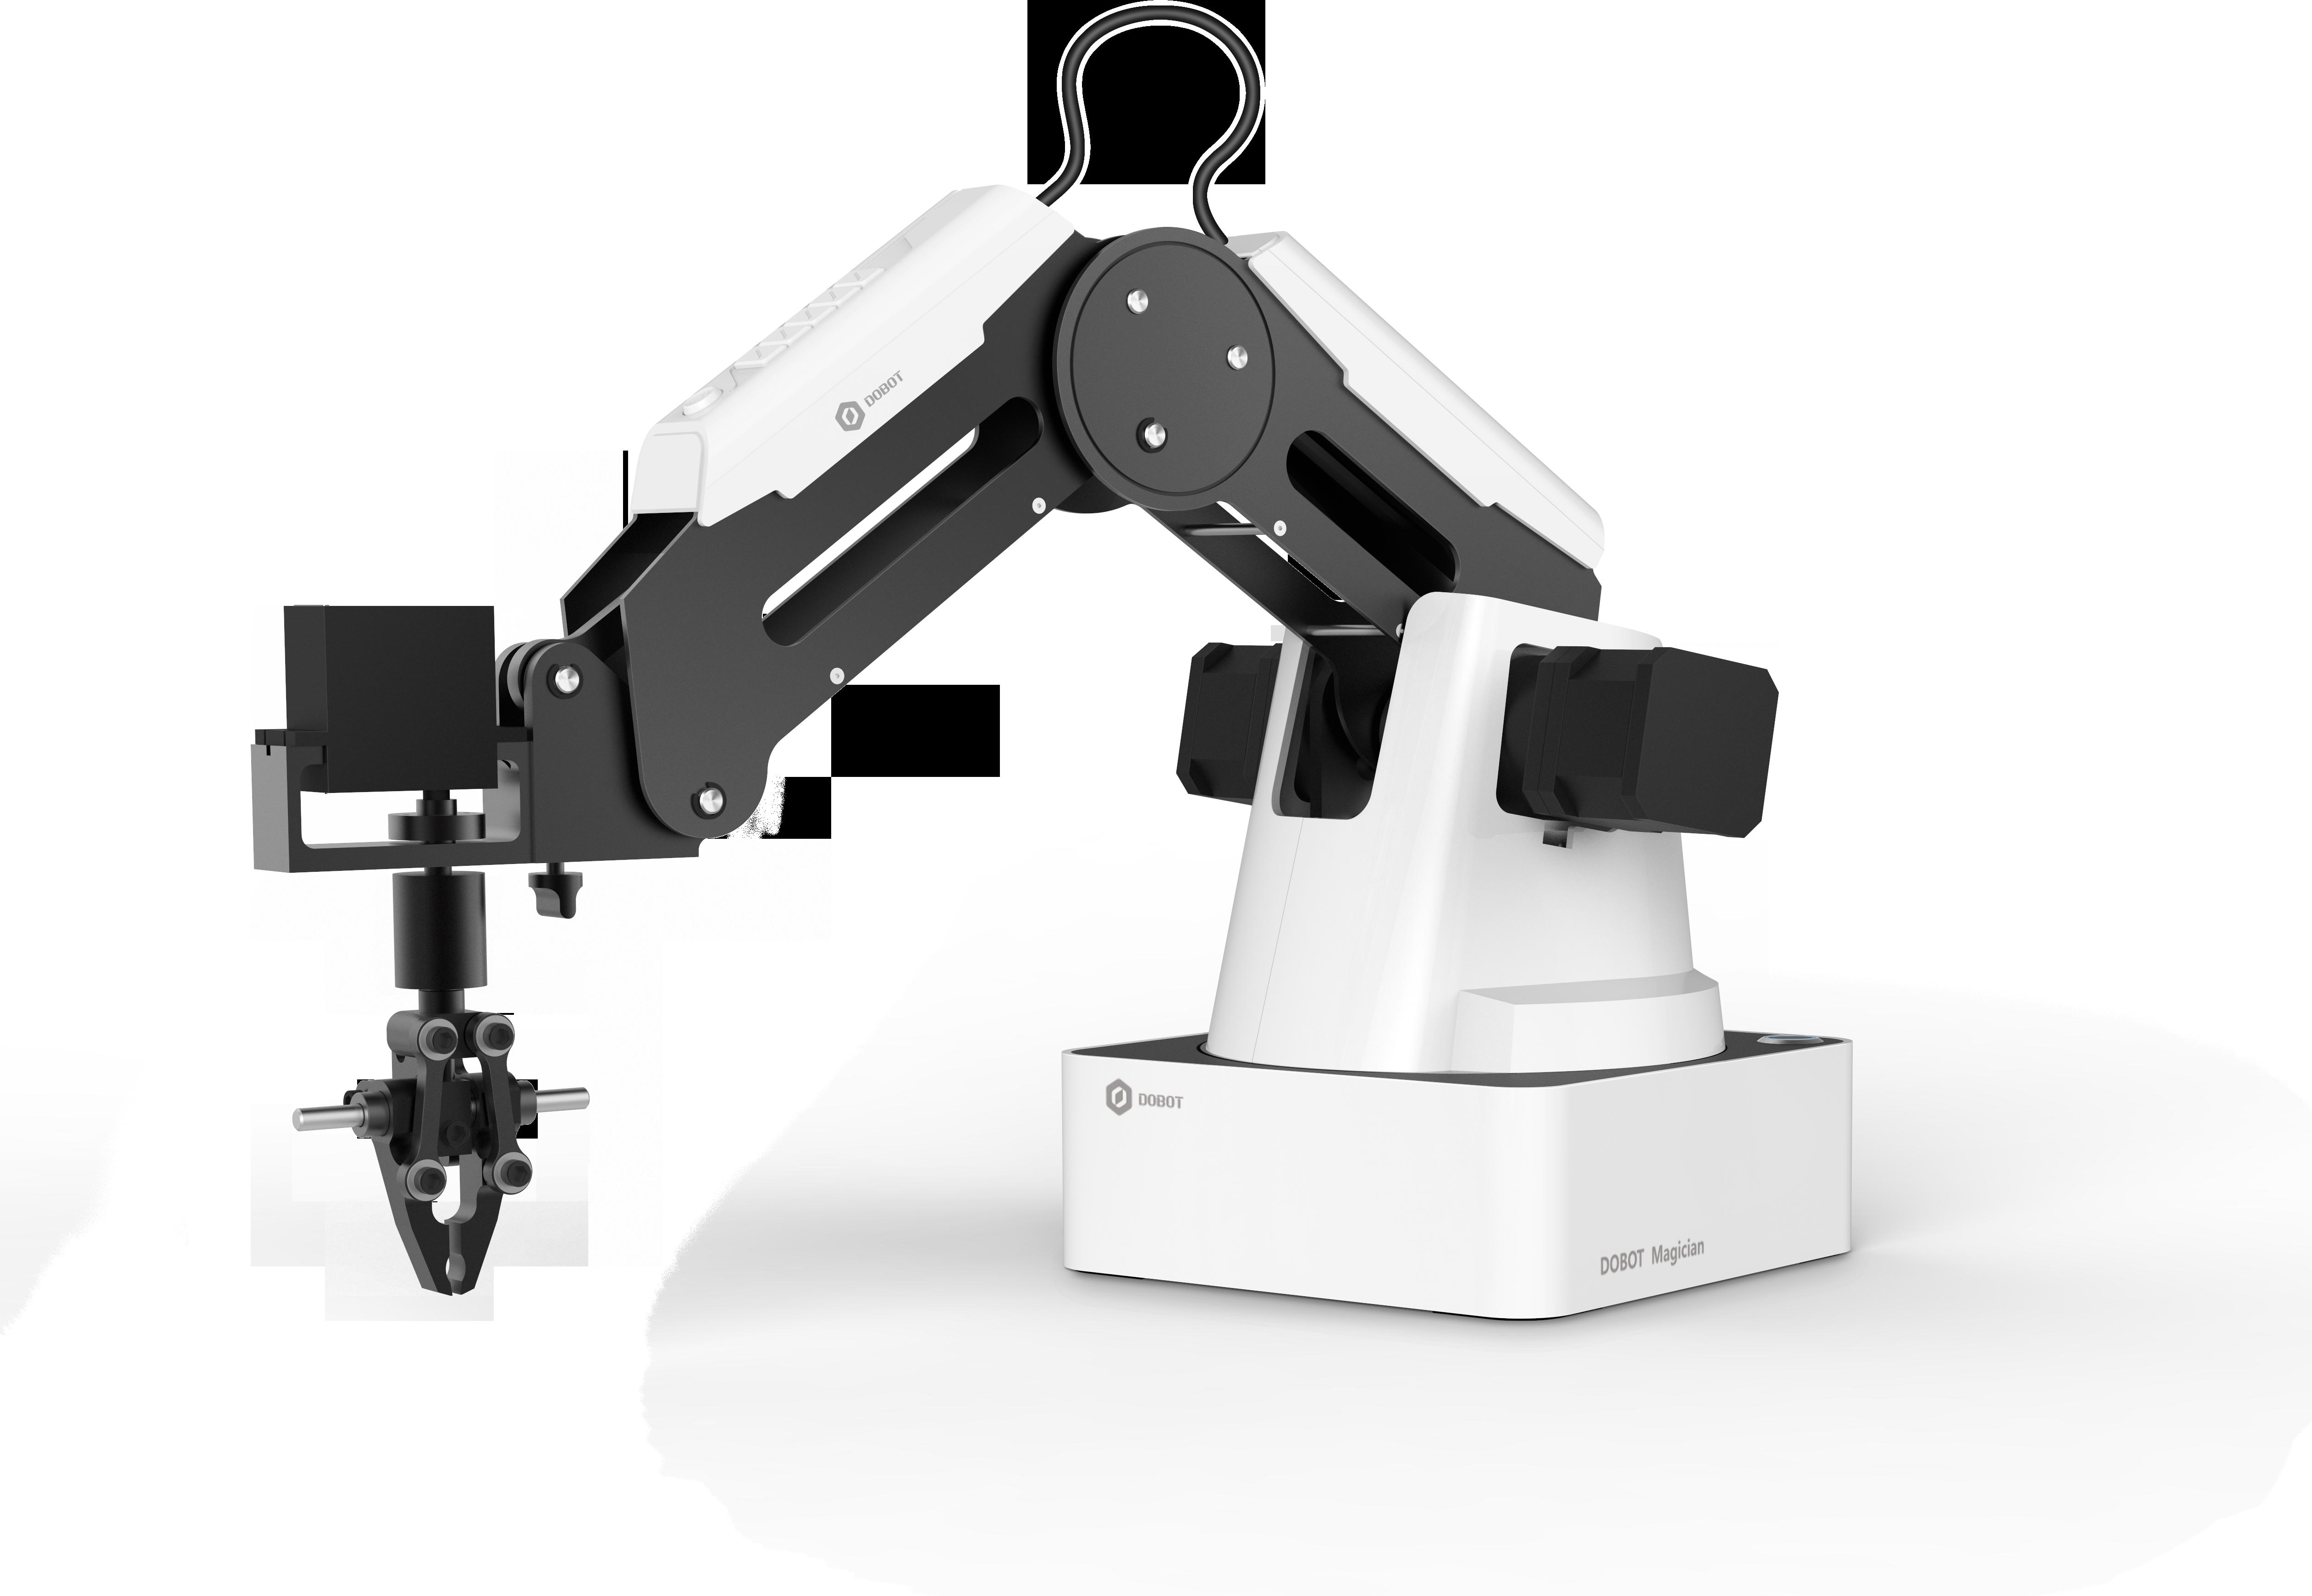 RobotLAB Dobot Robotic Arm-1.png